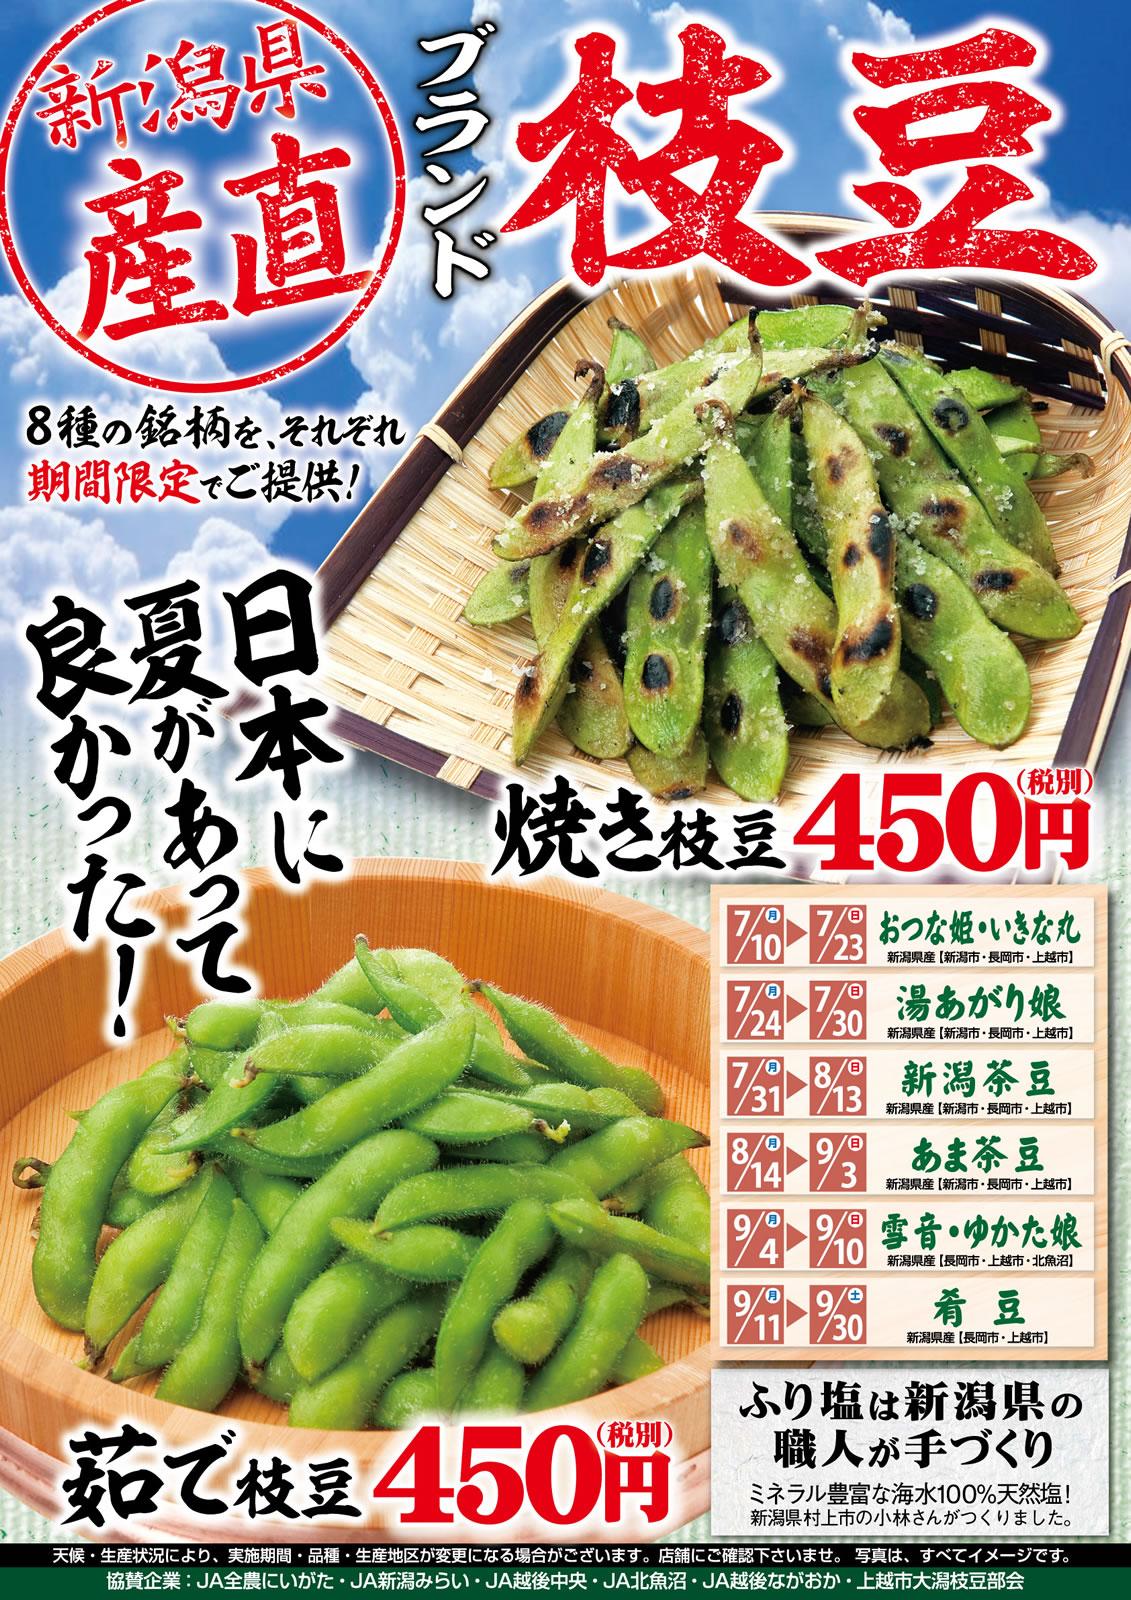 日本に夏があって良かった!産直枝豆入荷しました!